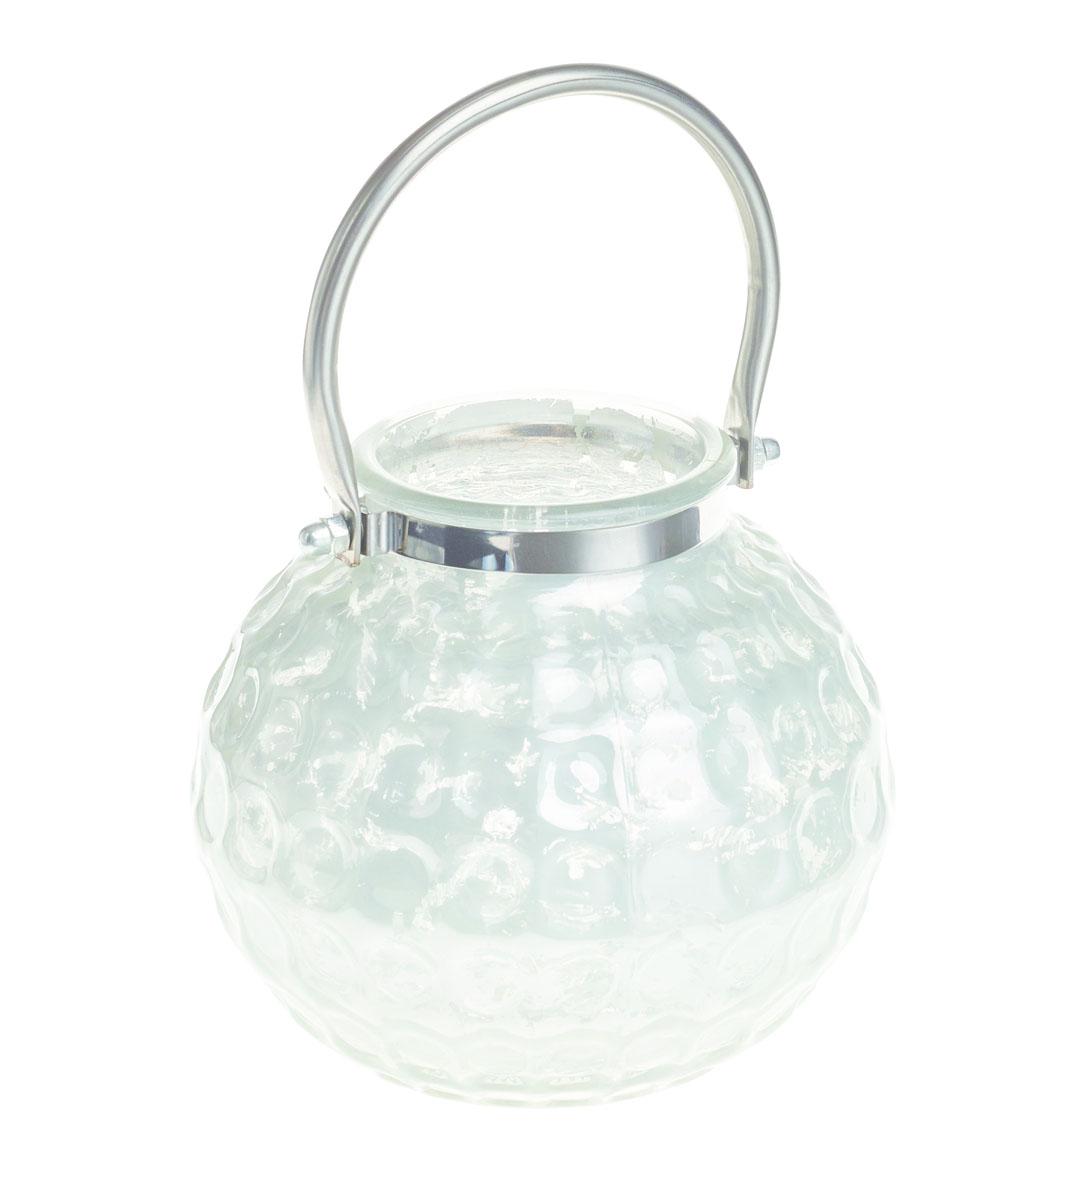 Подсвечник Gardman Honey Pot. Medium, цвет: белый, 13 смFS-91909Декоративный подсвечник Gardman Honey Pot. Medium изготовлен из высококачественного стекла с металлической фольгой внутри. Он позволит украсить интерьер дома или рабочего кабинета оригинальным образом. Вы можете поставить или подвесить подсвечник в любом месте, где он будет удачно смотреться и радовать глаз. Кроме того - это отличный вариант подарка для ваших близких и друзей.